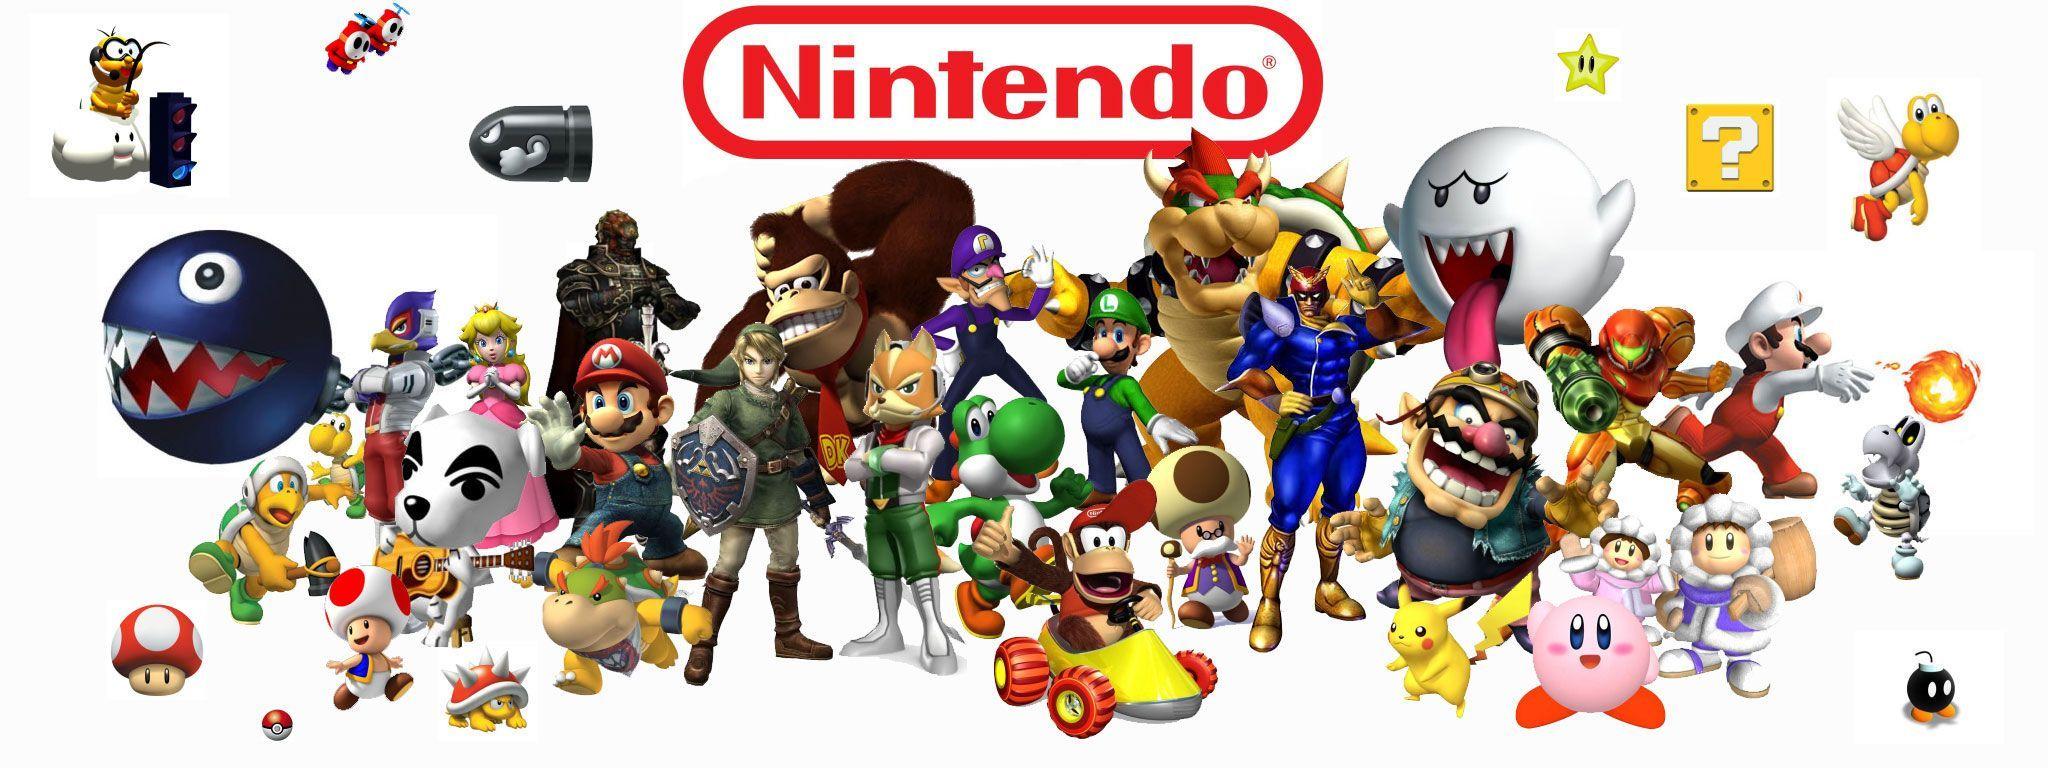 Nintendo revela trailer de Super Smash Bros y el nuevo título Super